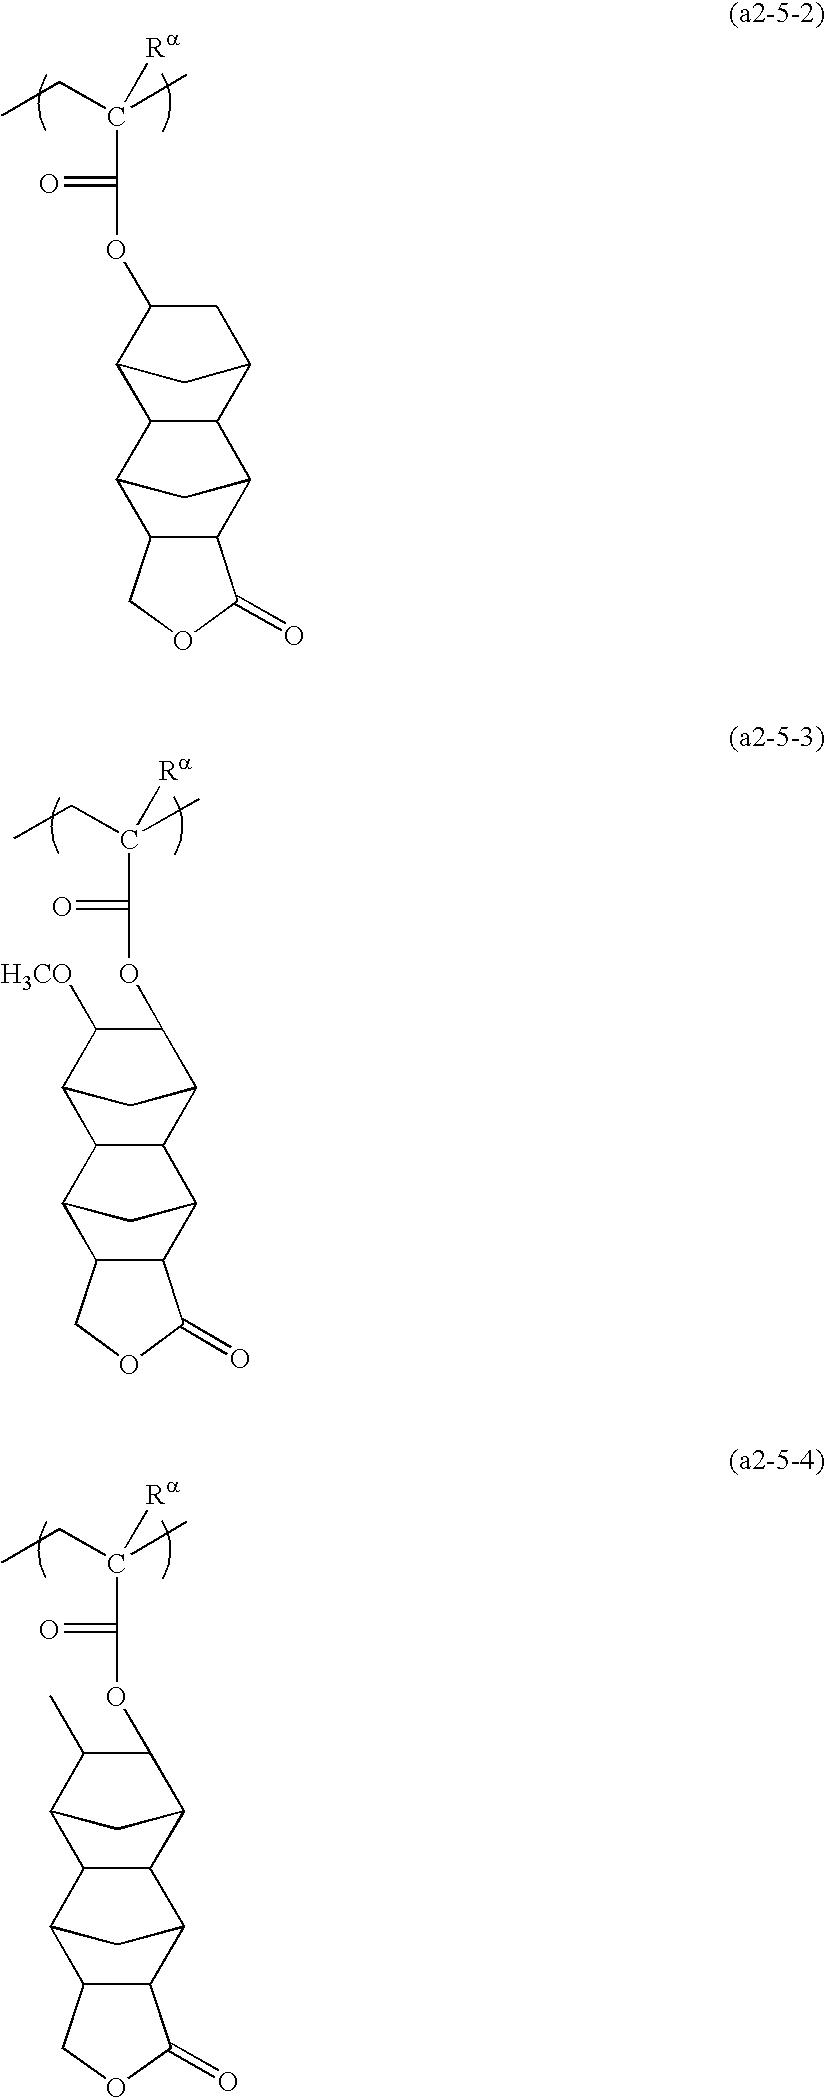 Figure US20100196821A1-20100805-C00077